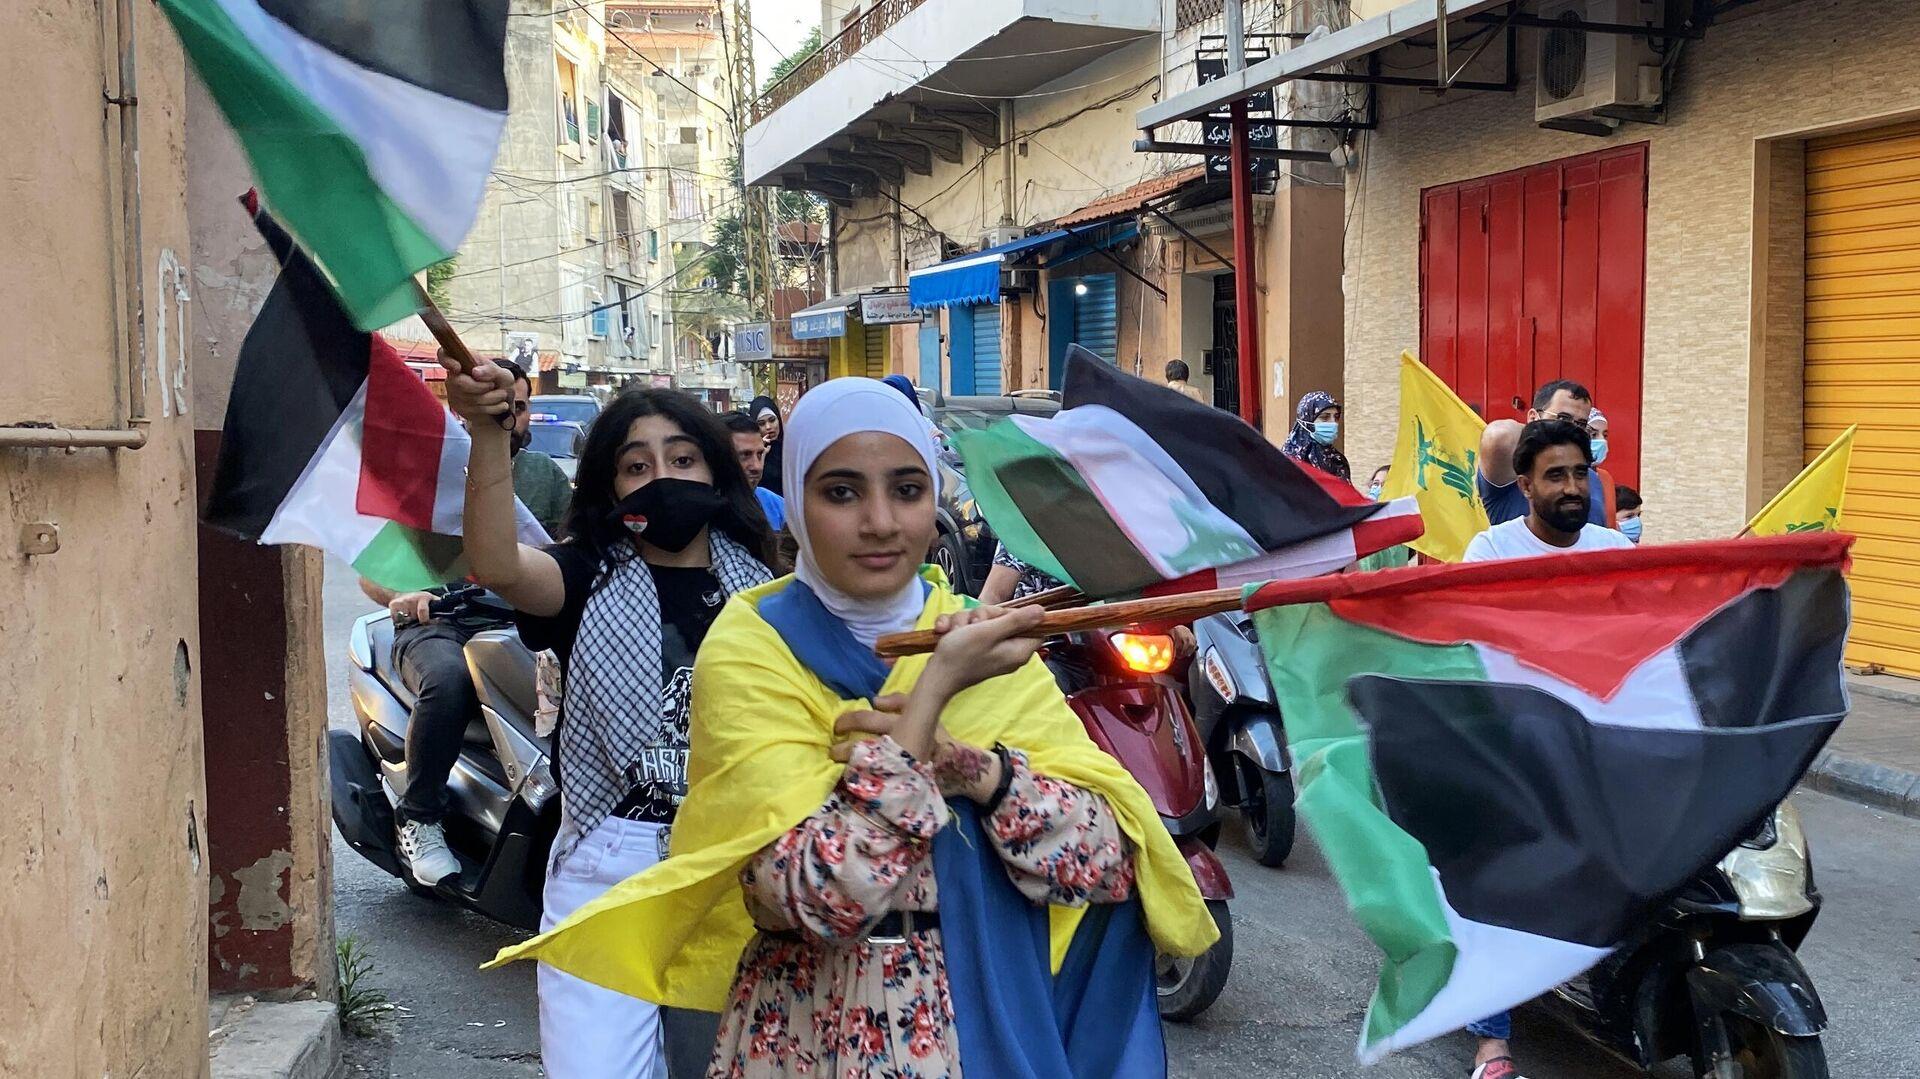 Una manifestazione a sostegno di Palestina a Beirut - Sputnik Italia, 1920, 23.05.2021